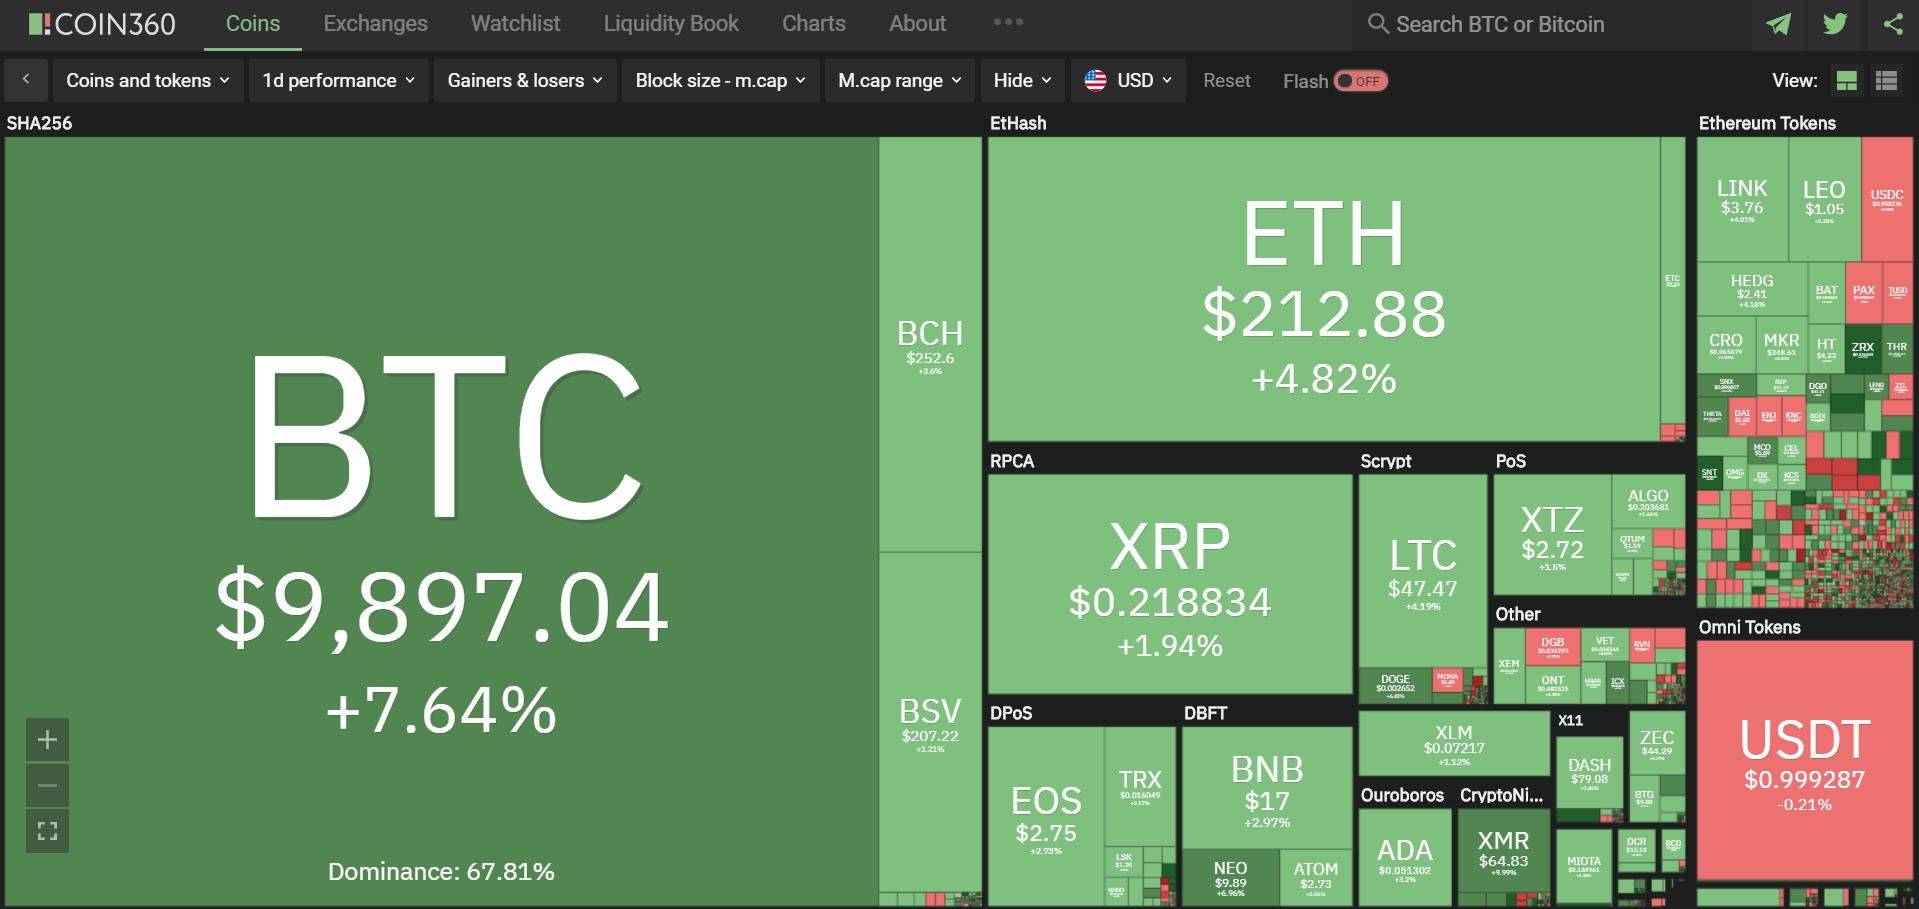 Toàn cảnh thị trường ngày 8/5 (nguồn: Coin360.com)